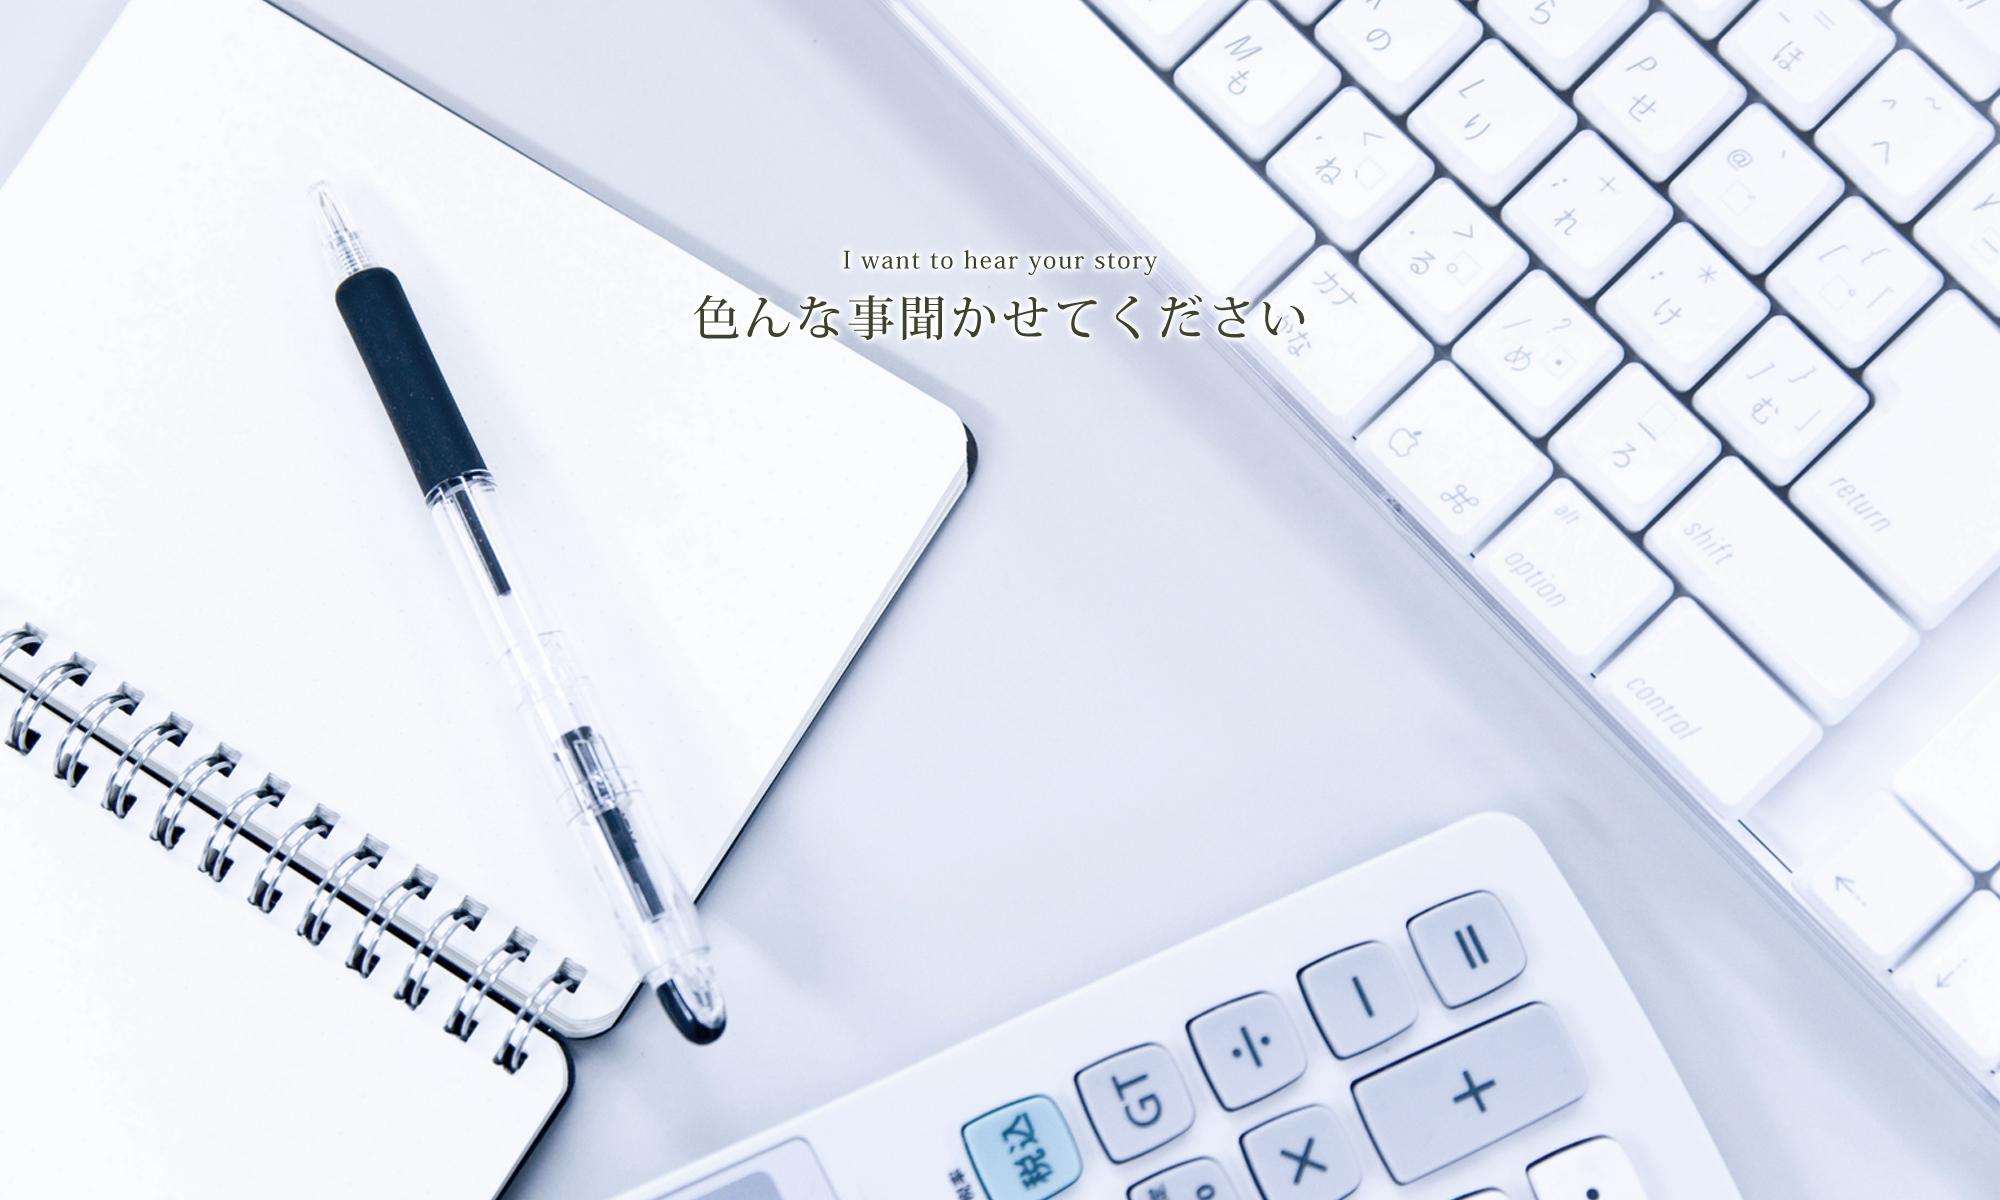 渕川税理士事務所